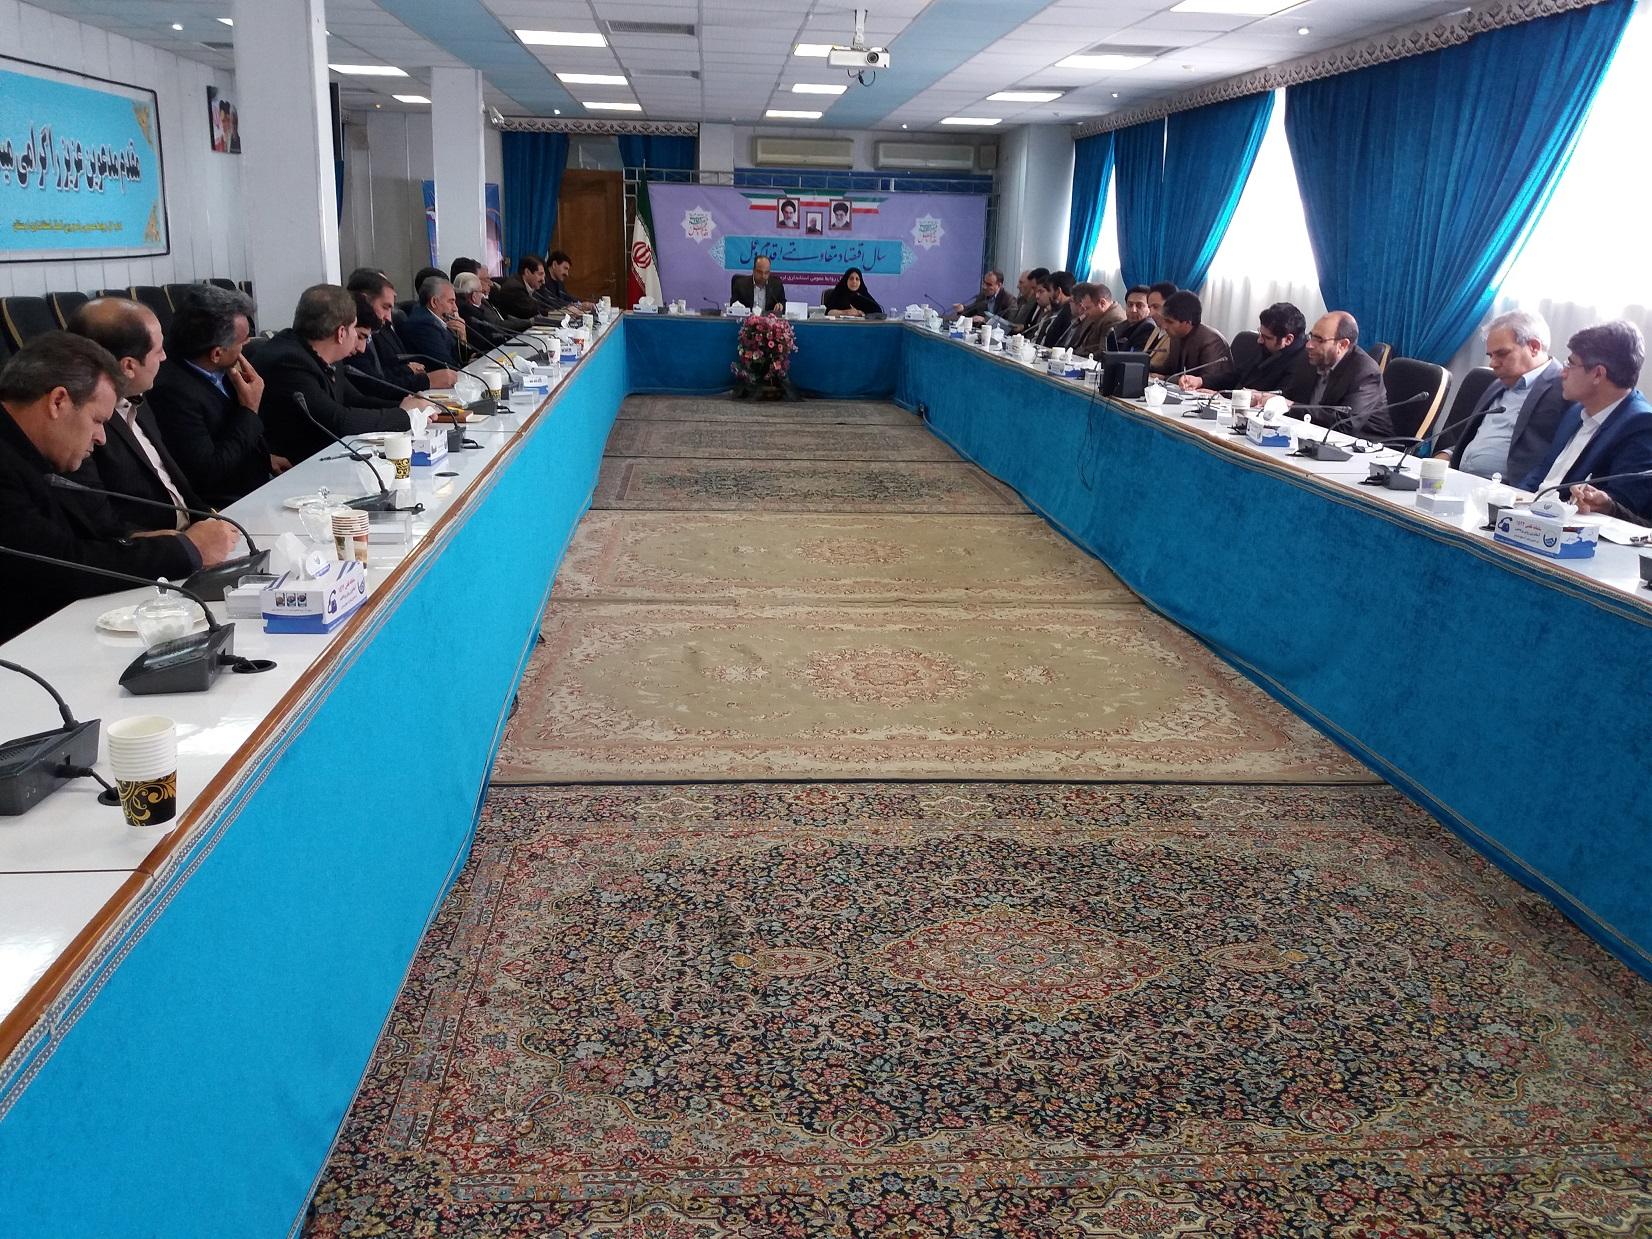 سرپرست معاونت سیاسی استانداری لرستان در گفتوگو با فعالان حزبی: خانه احزاب در لرستان تشکیل میشود